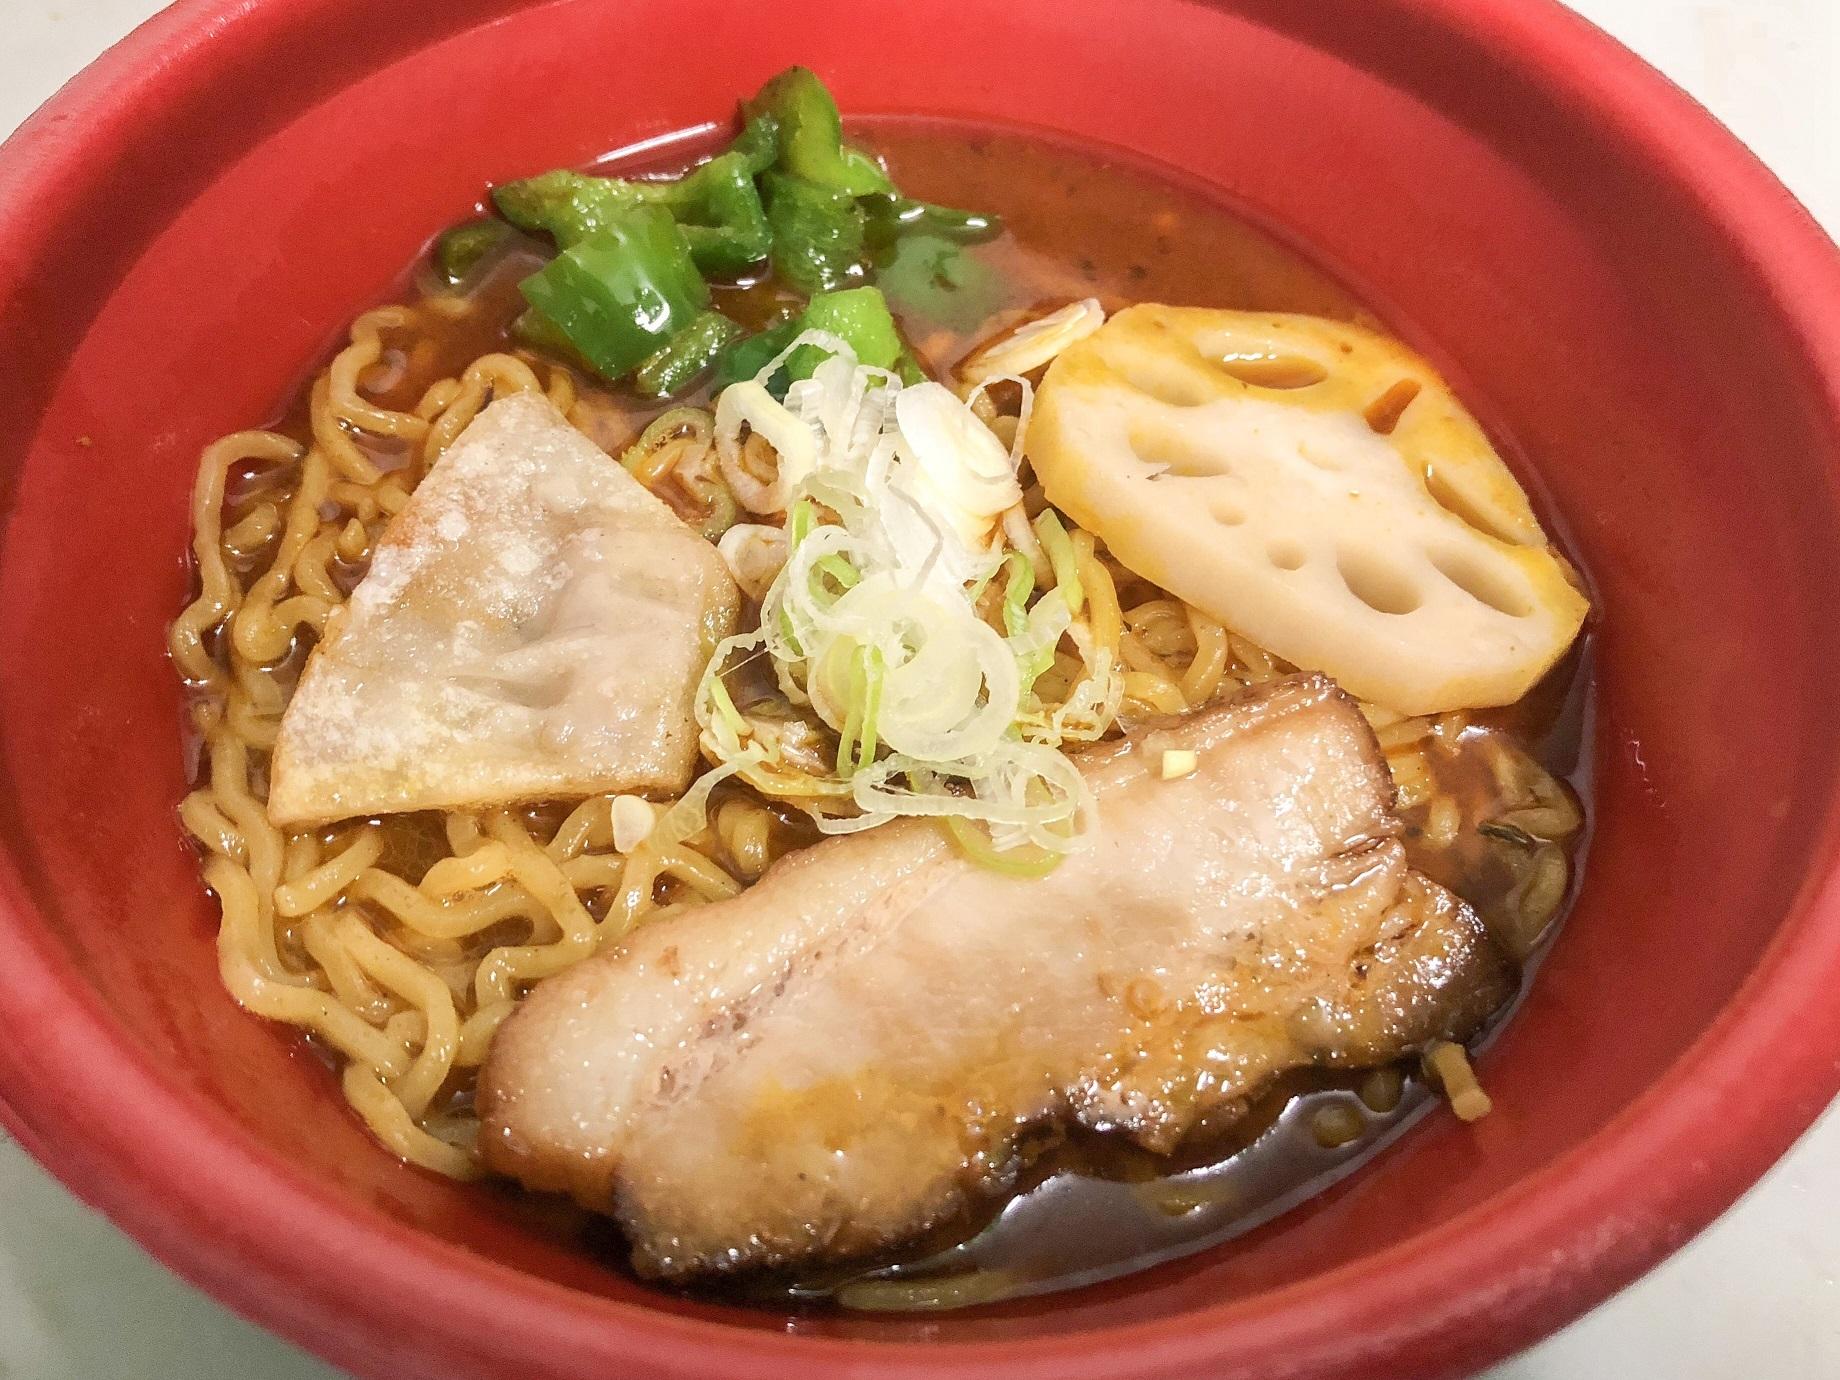 札幌の老舗スープカレー店「ピカンティ」のスープを使用したスープカレー麺